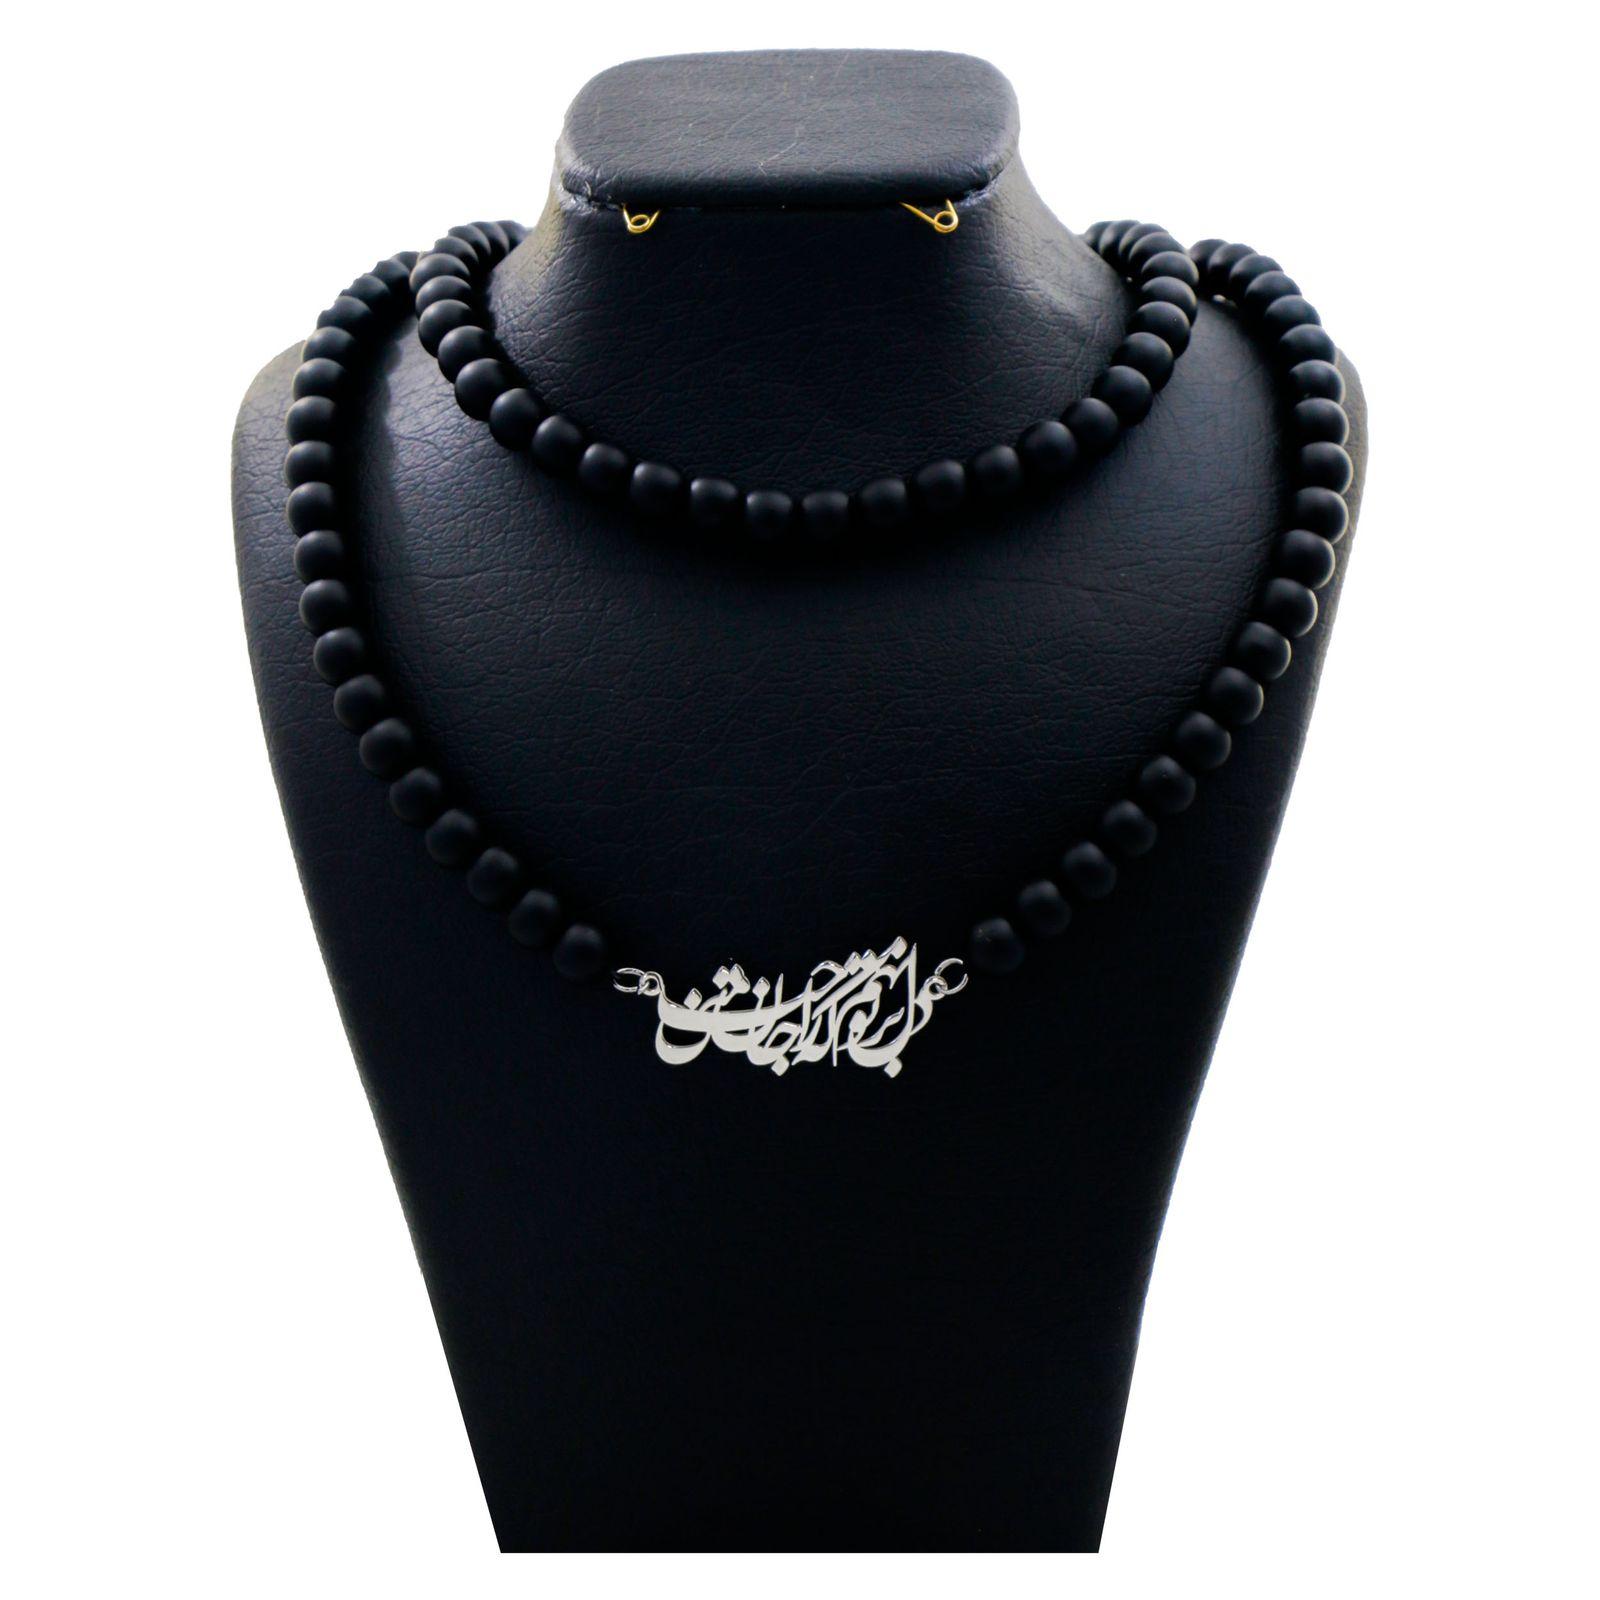 گردنبند نقره زنانه دلی جم طرح دل بر تو نهم که راحت جان منی کد D 62 -  - 2